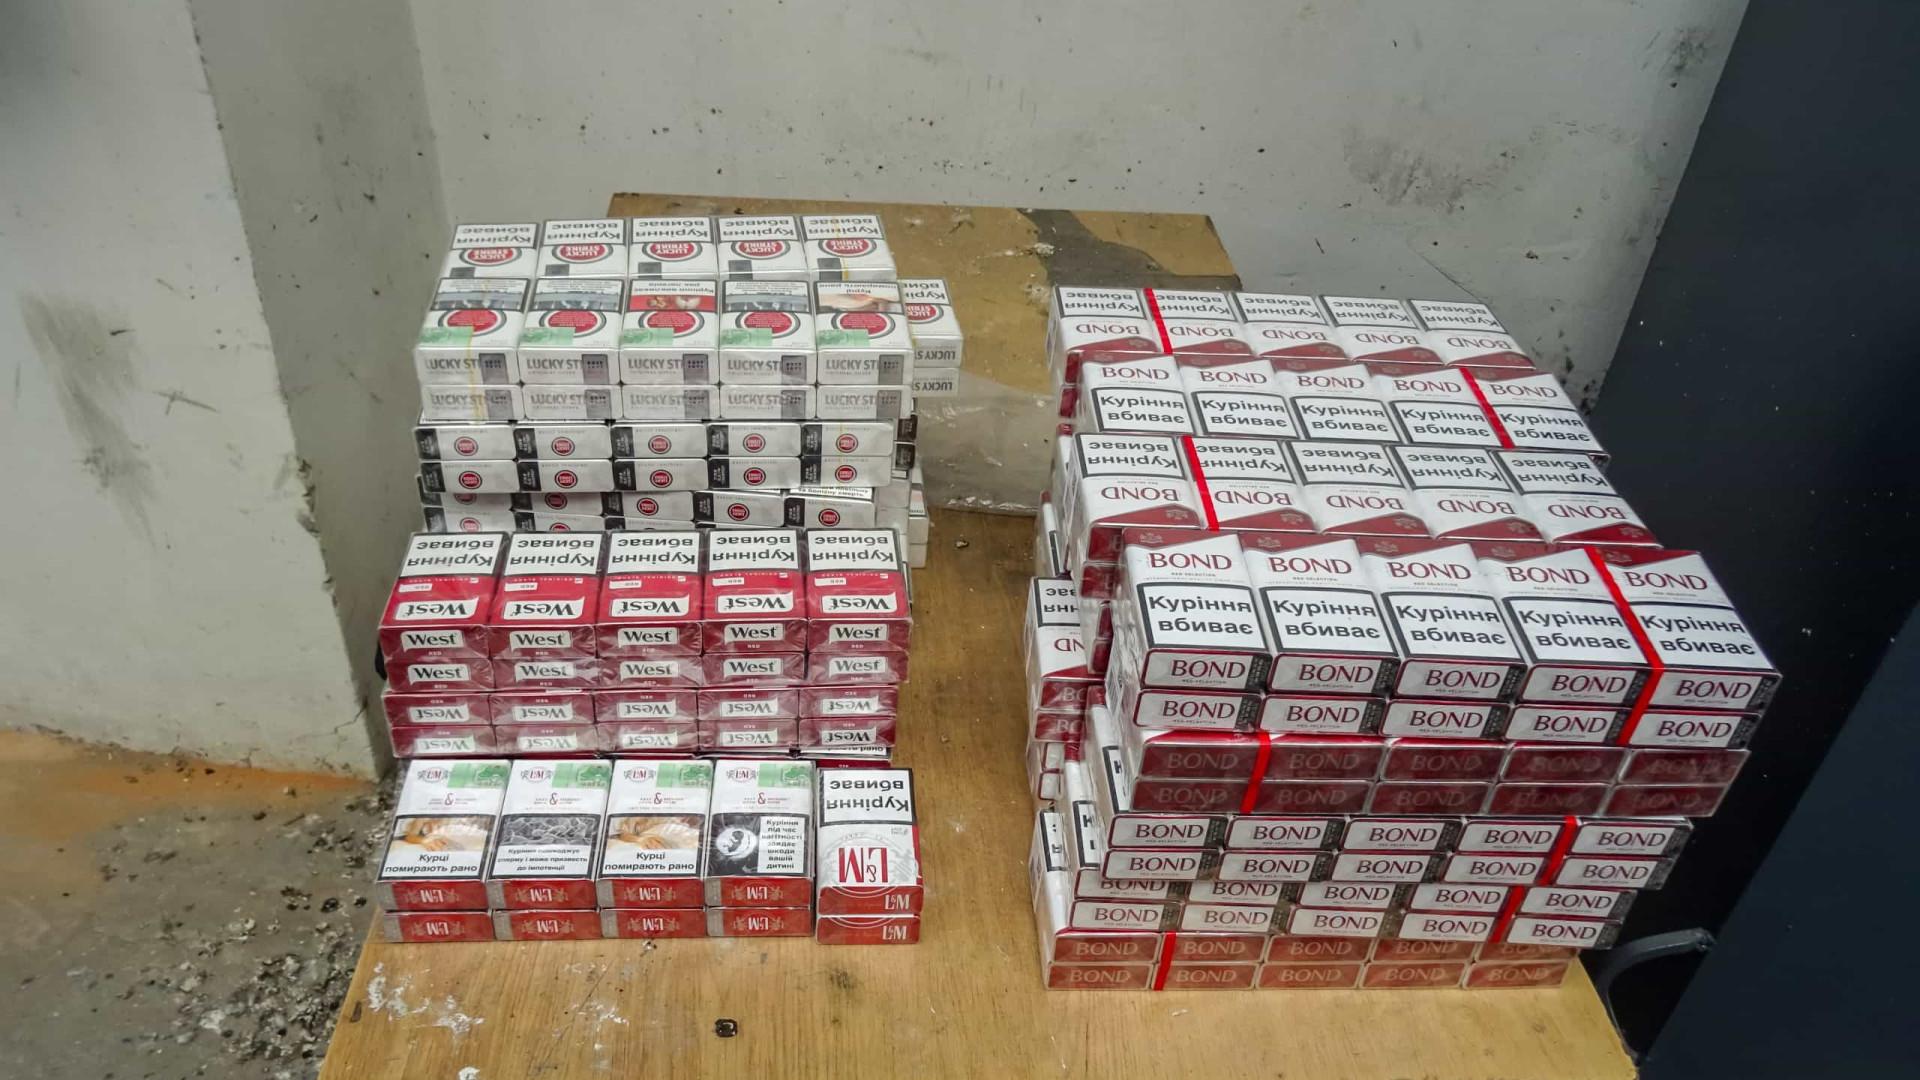 Polícia apreende 360 mil maços de cigarros contrabandeados no interior de SP